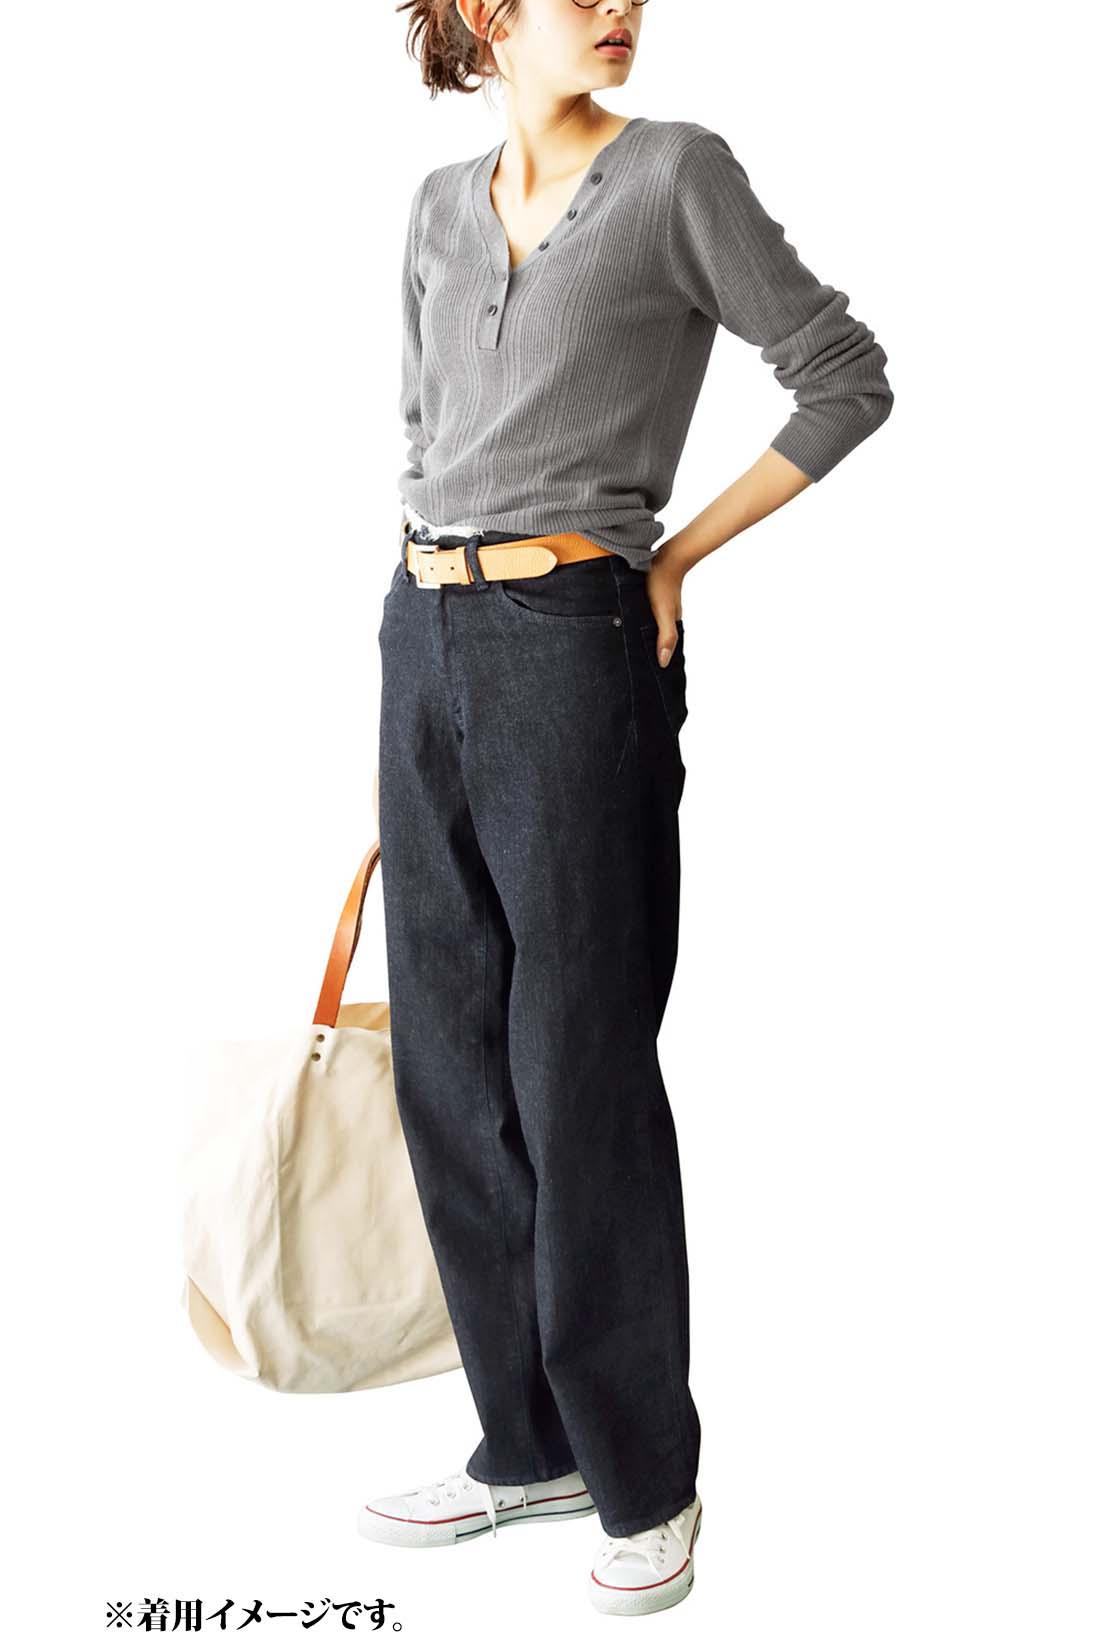 これは参考画像です。太ももはゆったりしつつ、すそに掛けてゆるやかに細くすることで、ワイドでも足もとが重くならずすっきりと着られます。